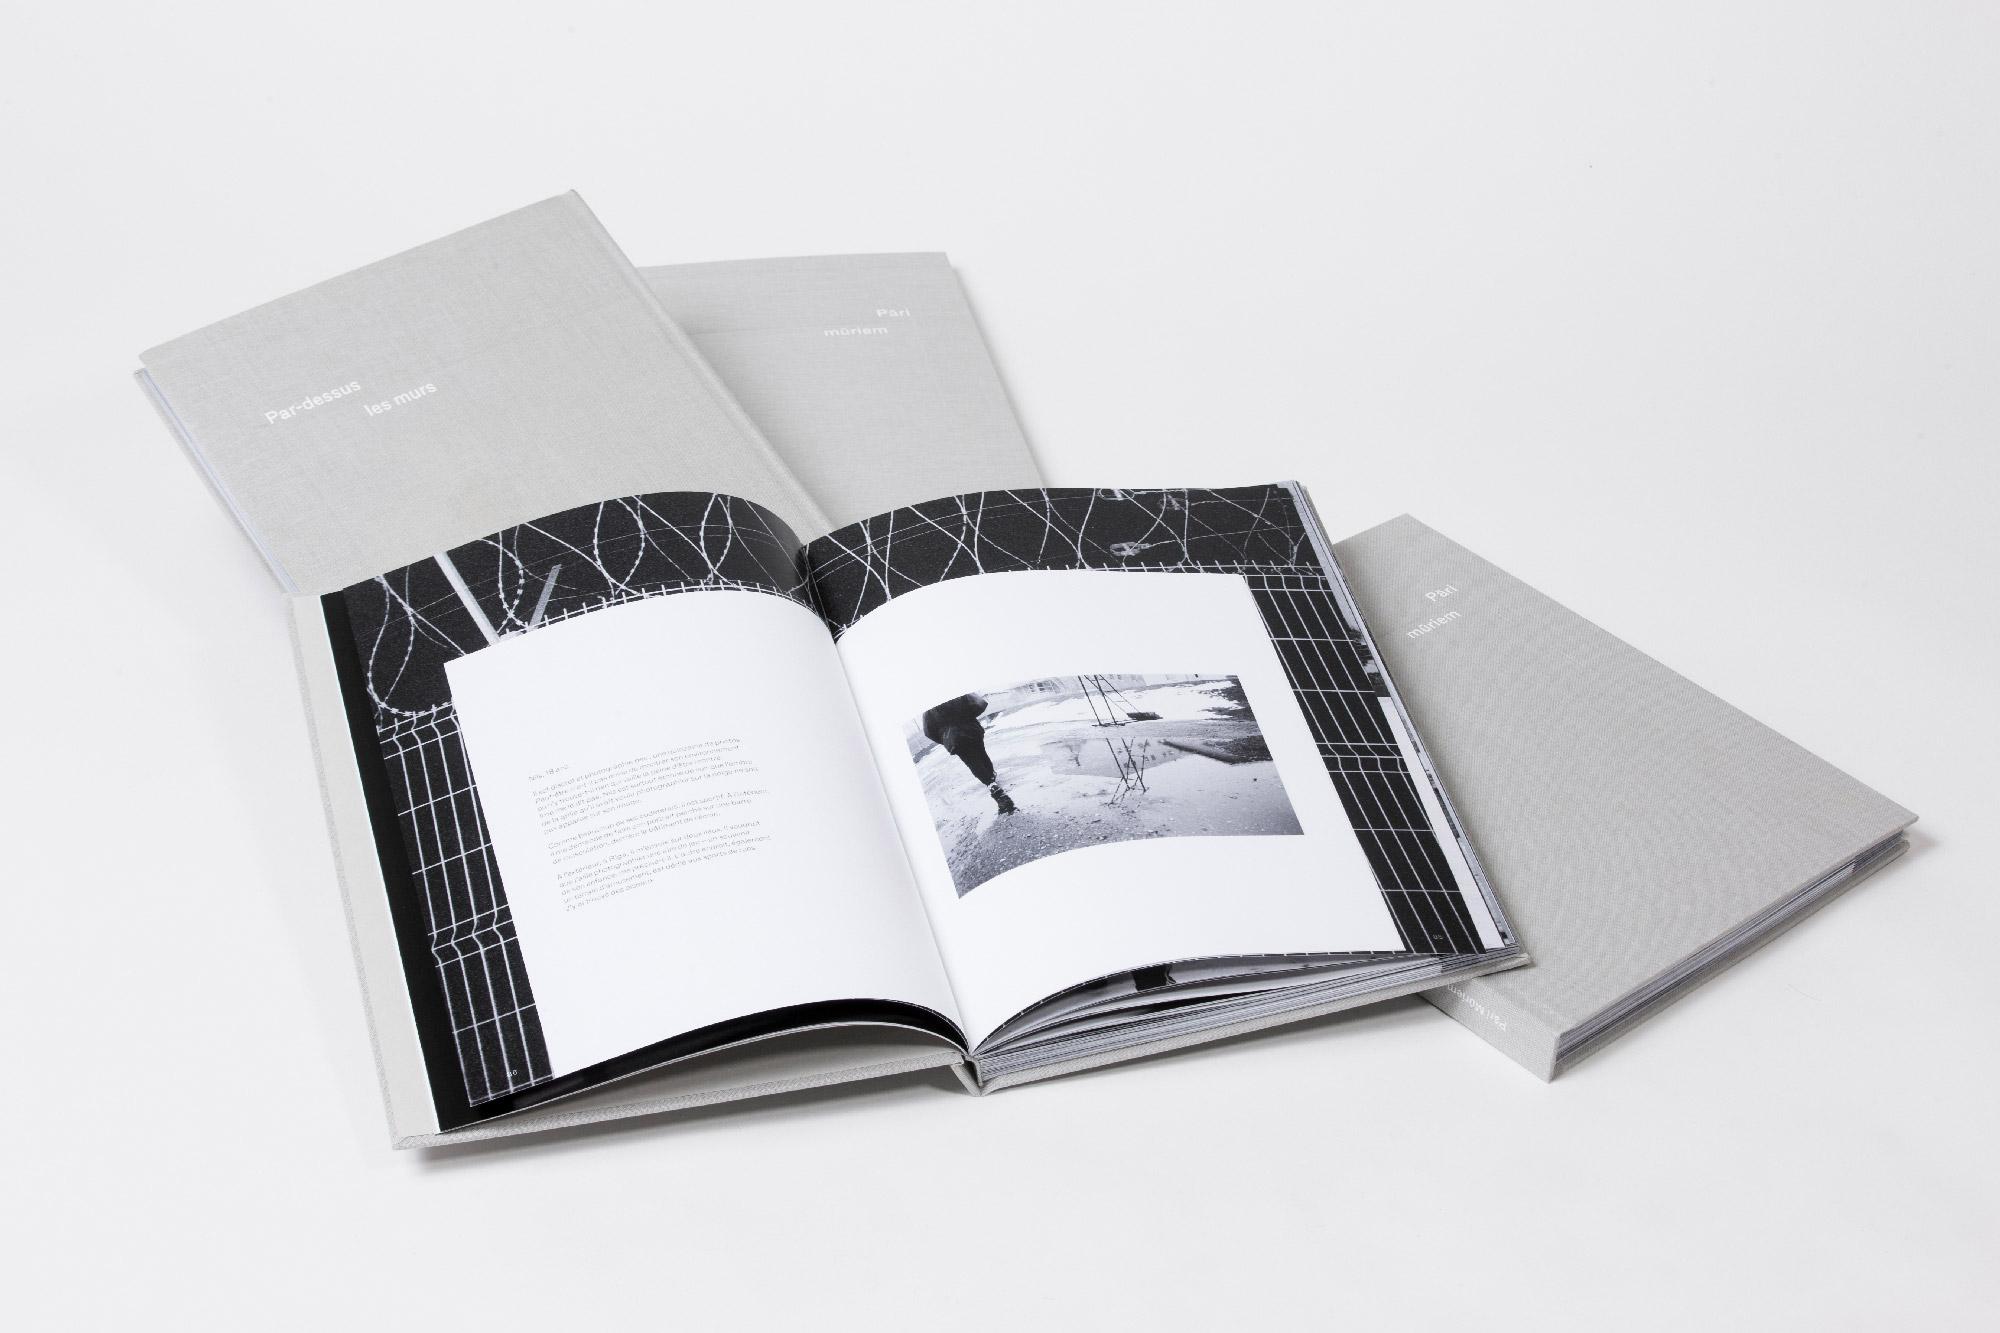 narrative edition livre jeremie jung